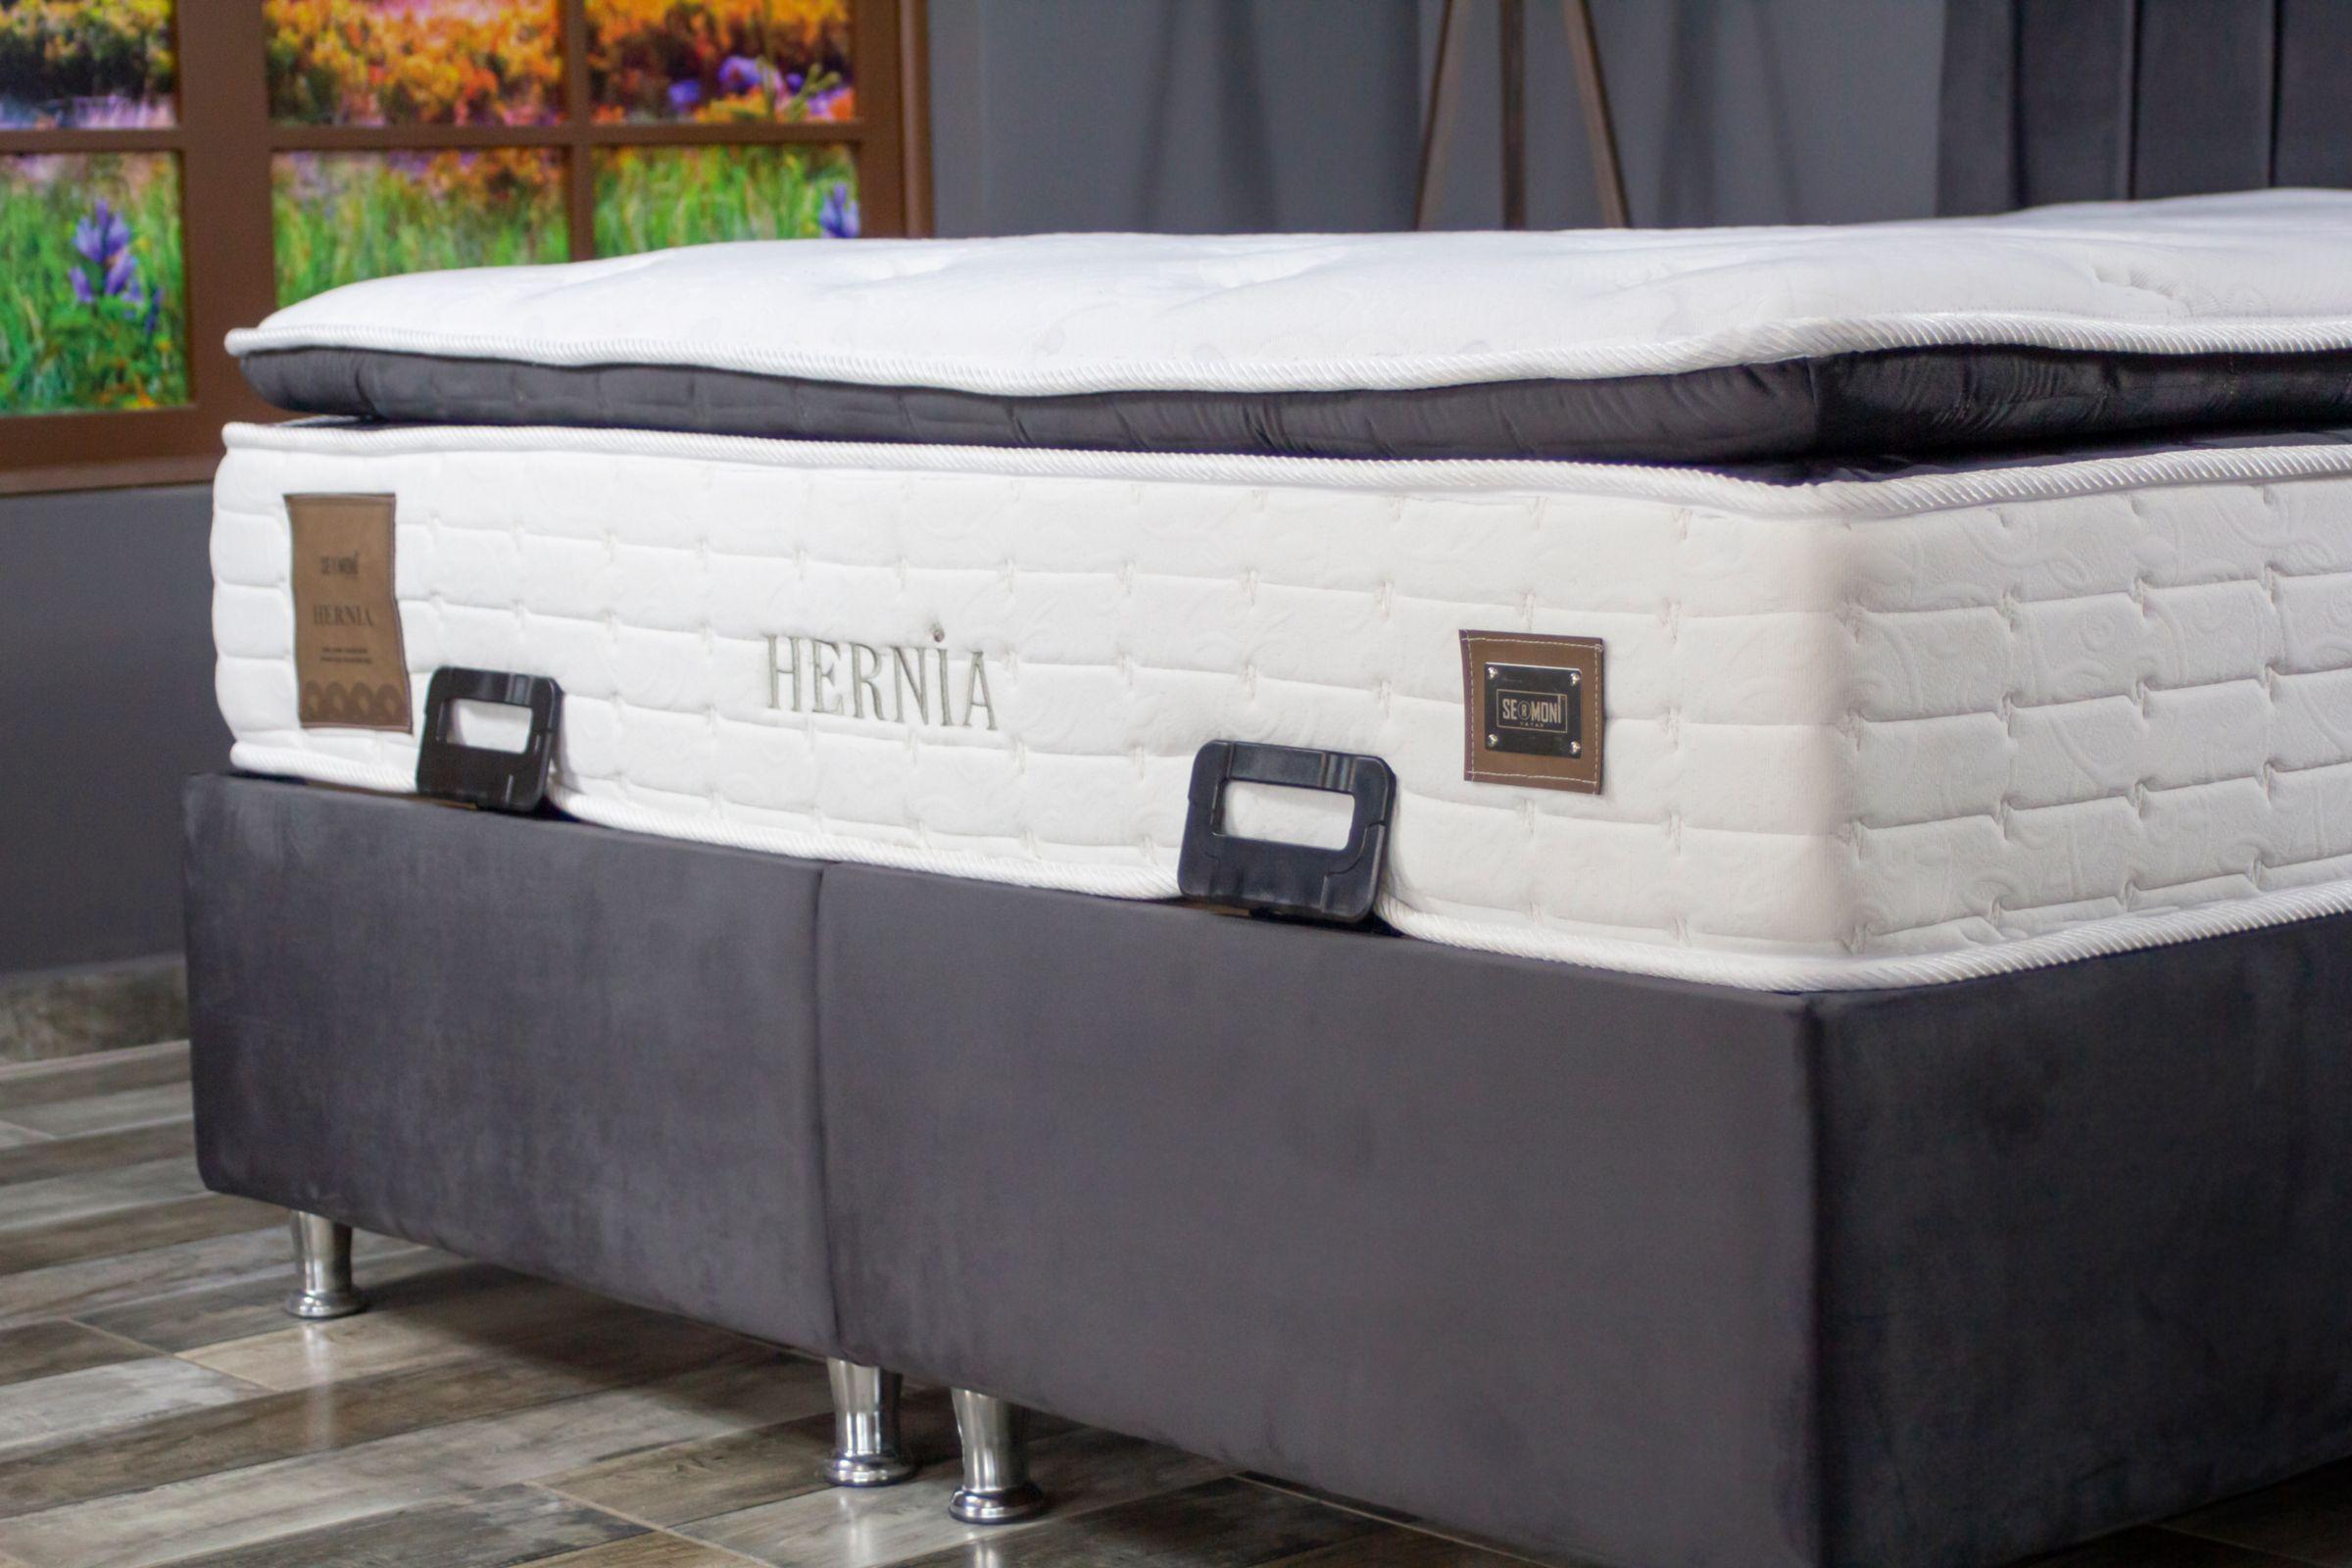 Hernia Uyku Seti